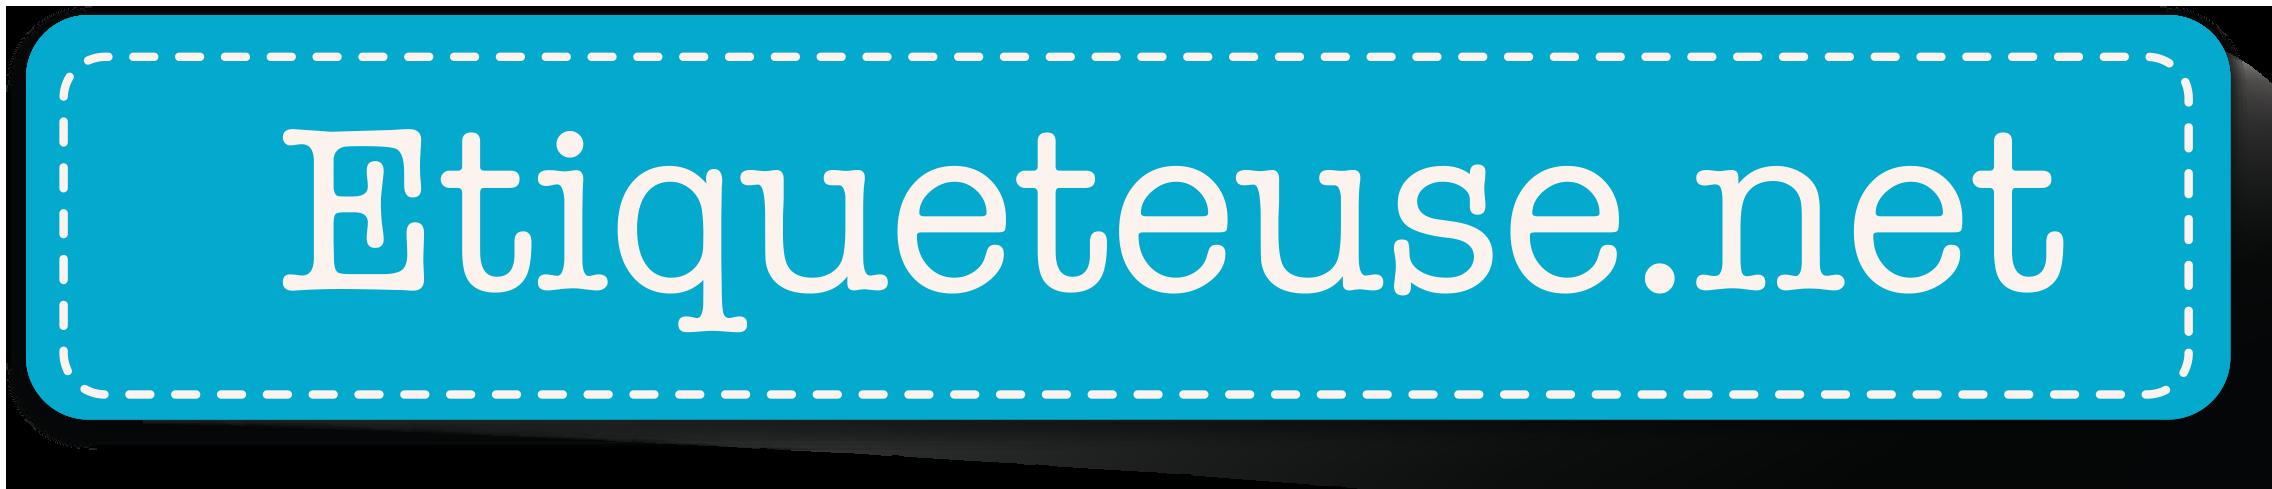 etiqueteuse.net - Avis test et comparatif 2017 meilleures etiqueteuses